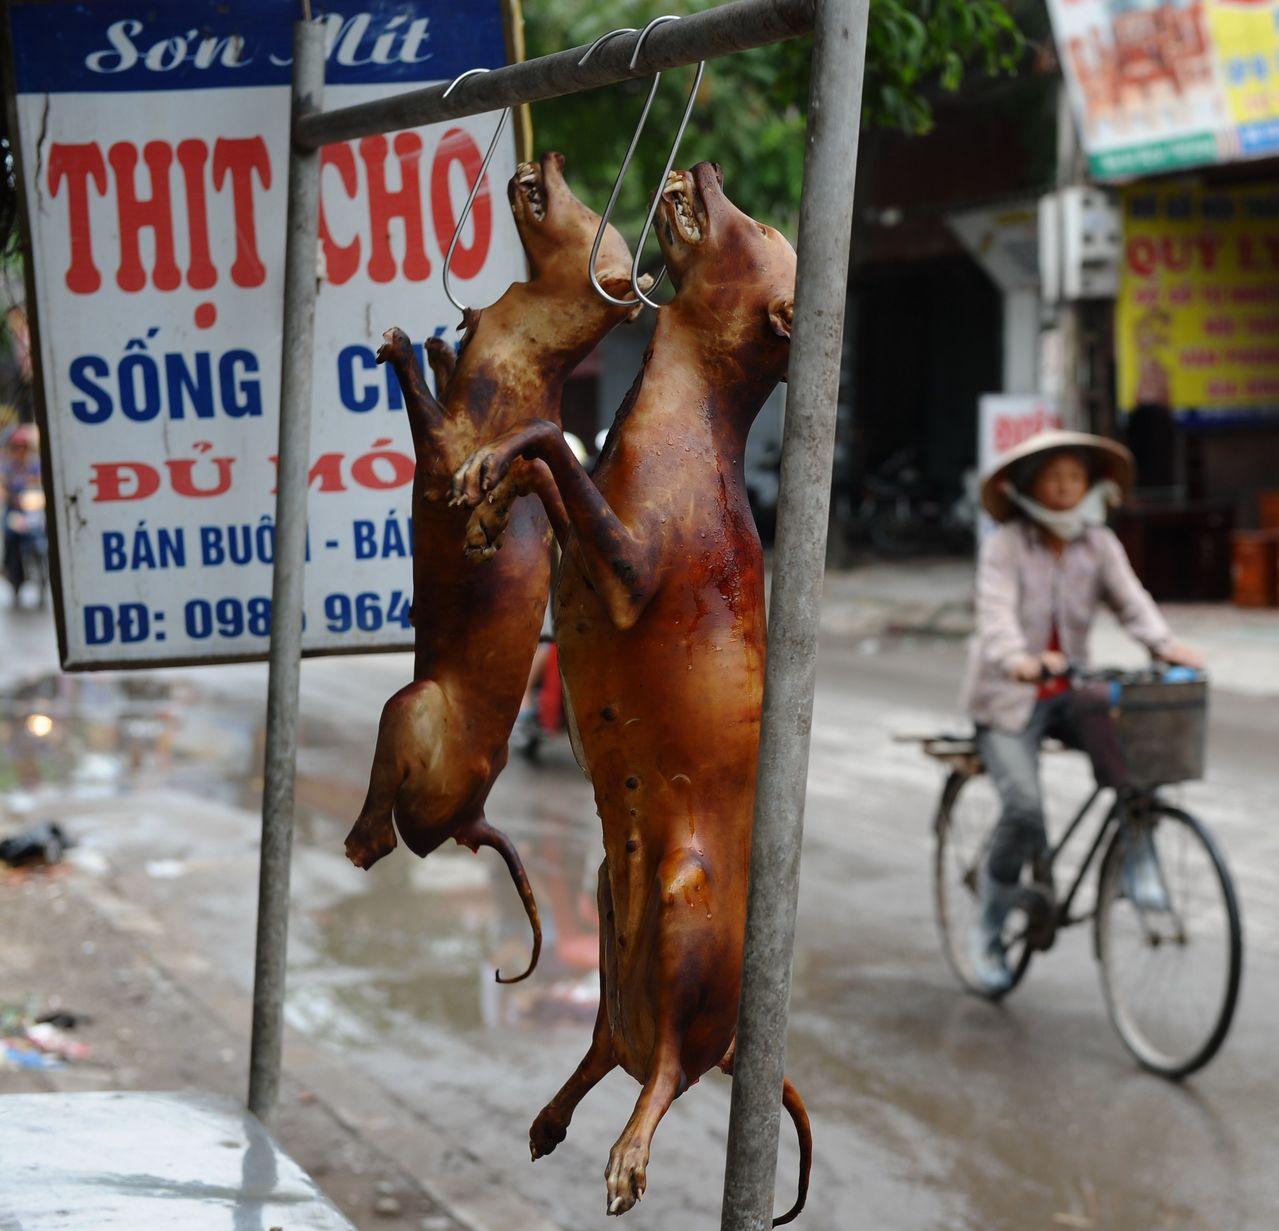 狗肉攤大剌剌將宰殺後的整隻狗肉掛著販售。(法新社)